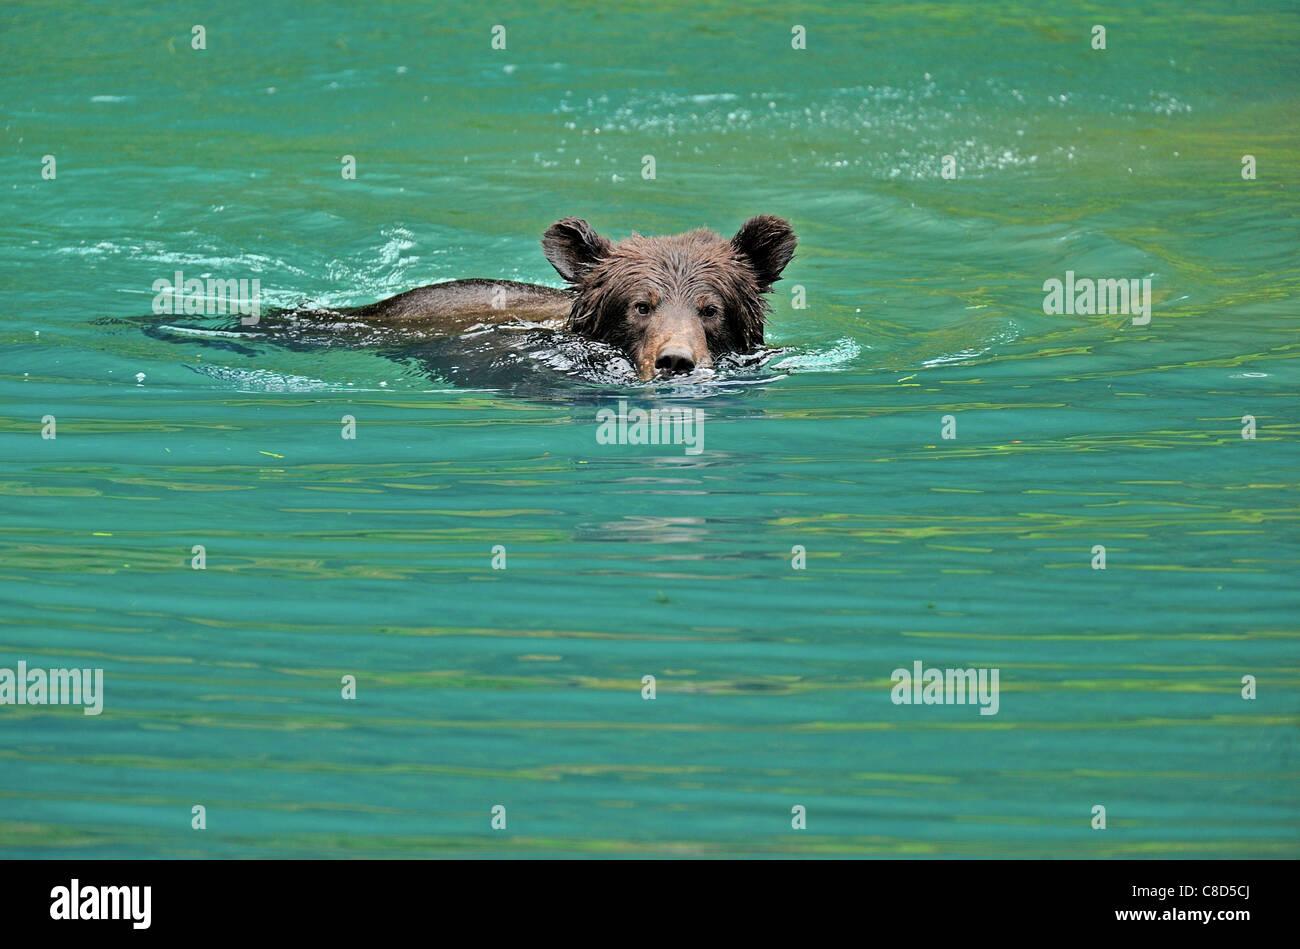 Ein Grizzly Bear Cub, Schwimmen in einem Teich mit Wasser zu spielen. Stockbild